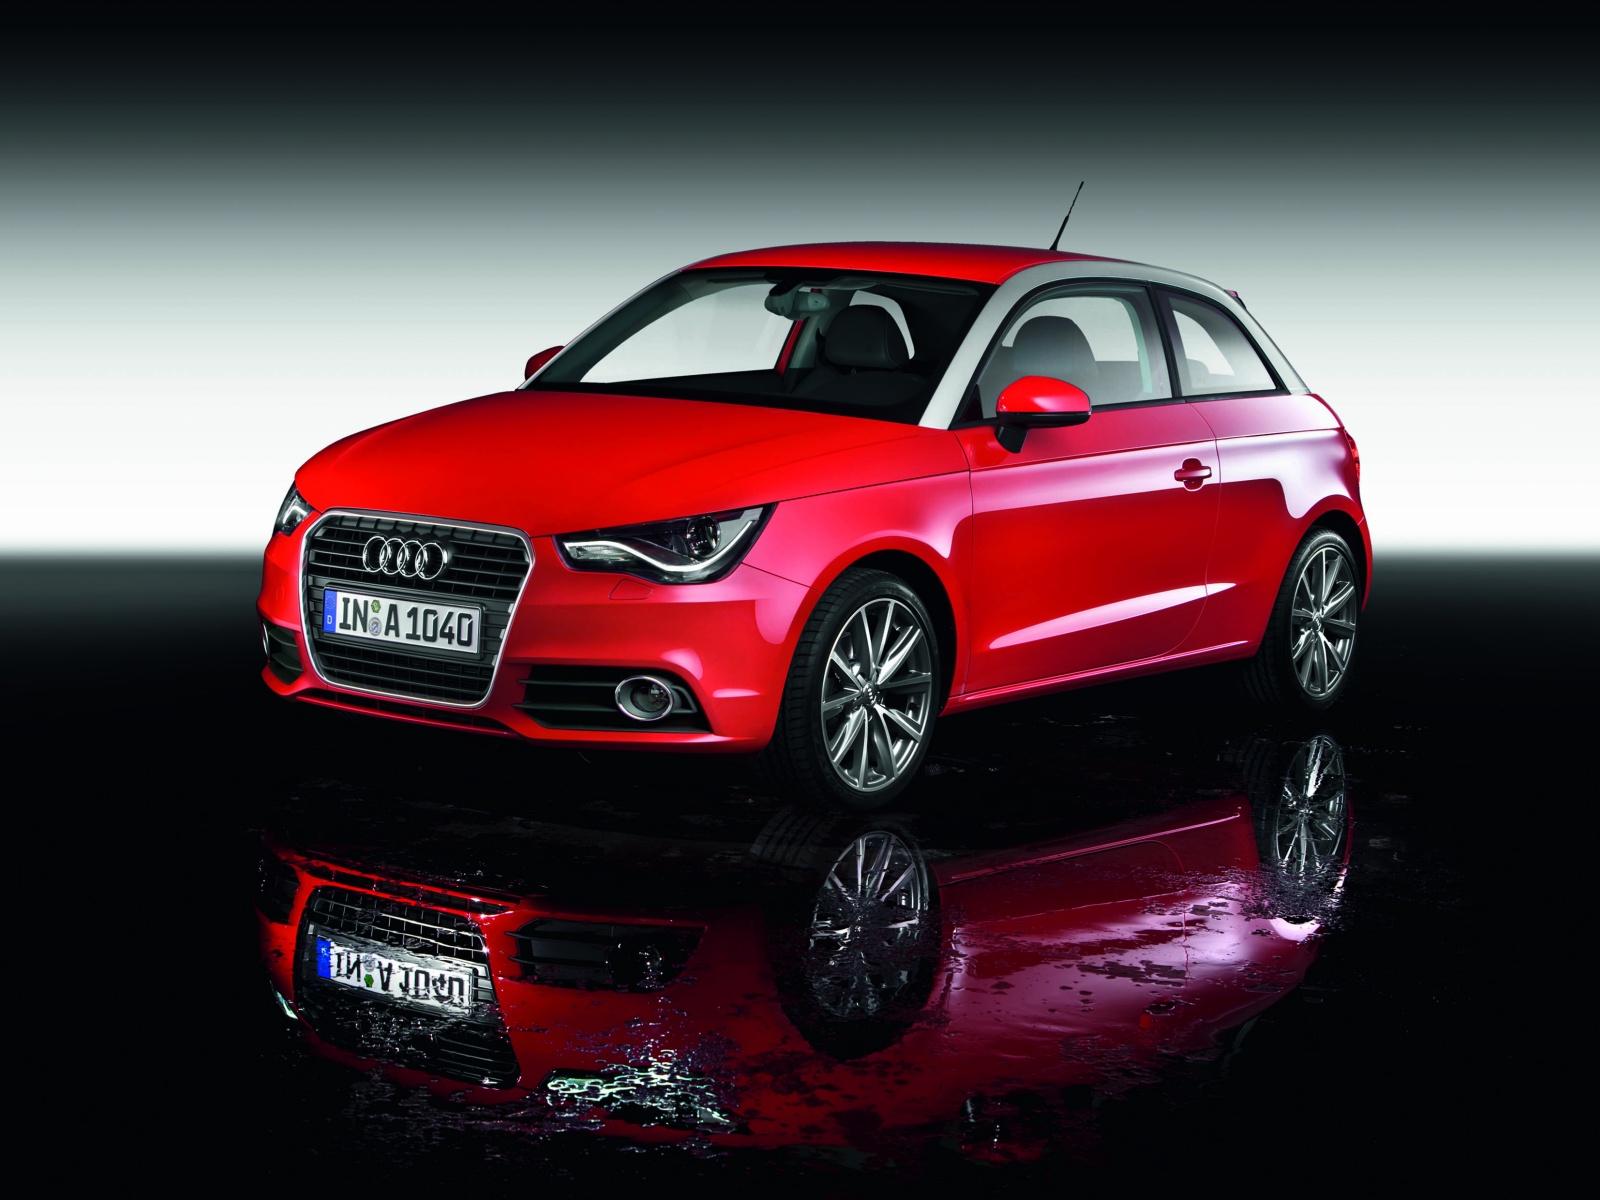 2010 Audi A1 1.4 TFSI | Motor Desktop